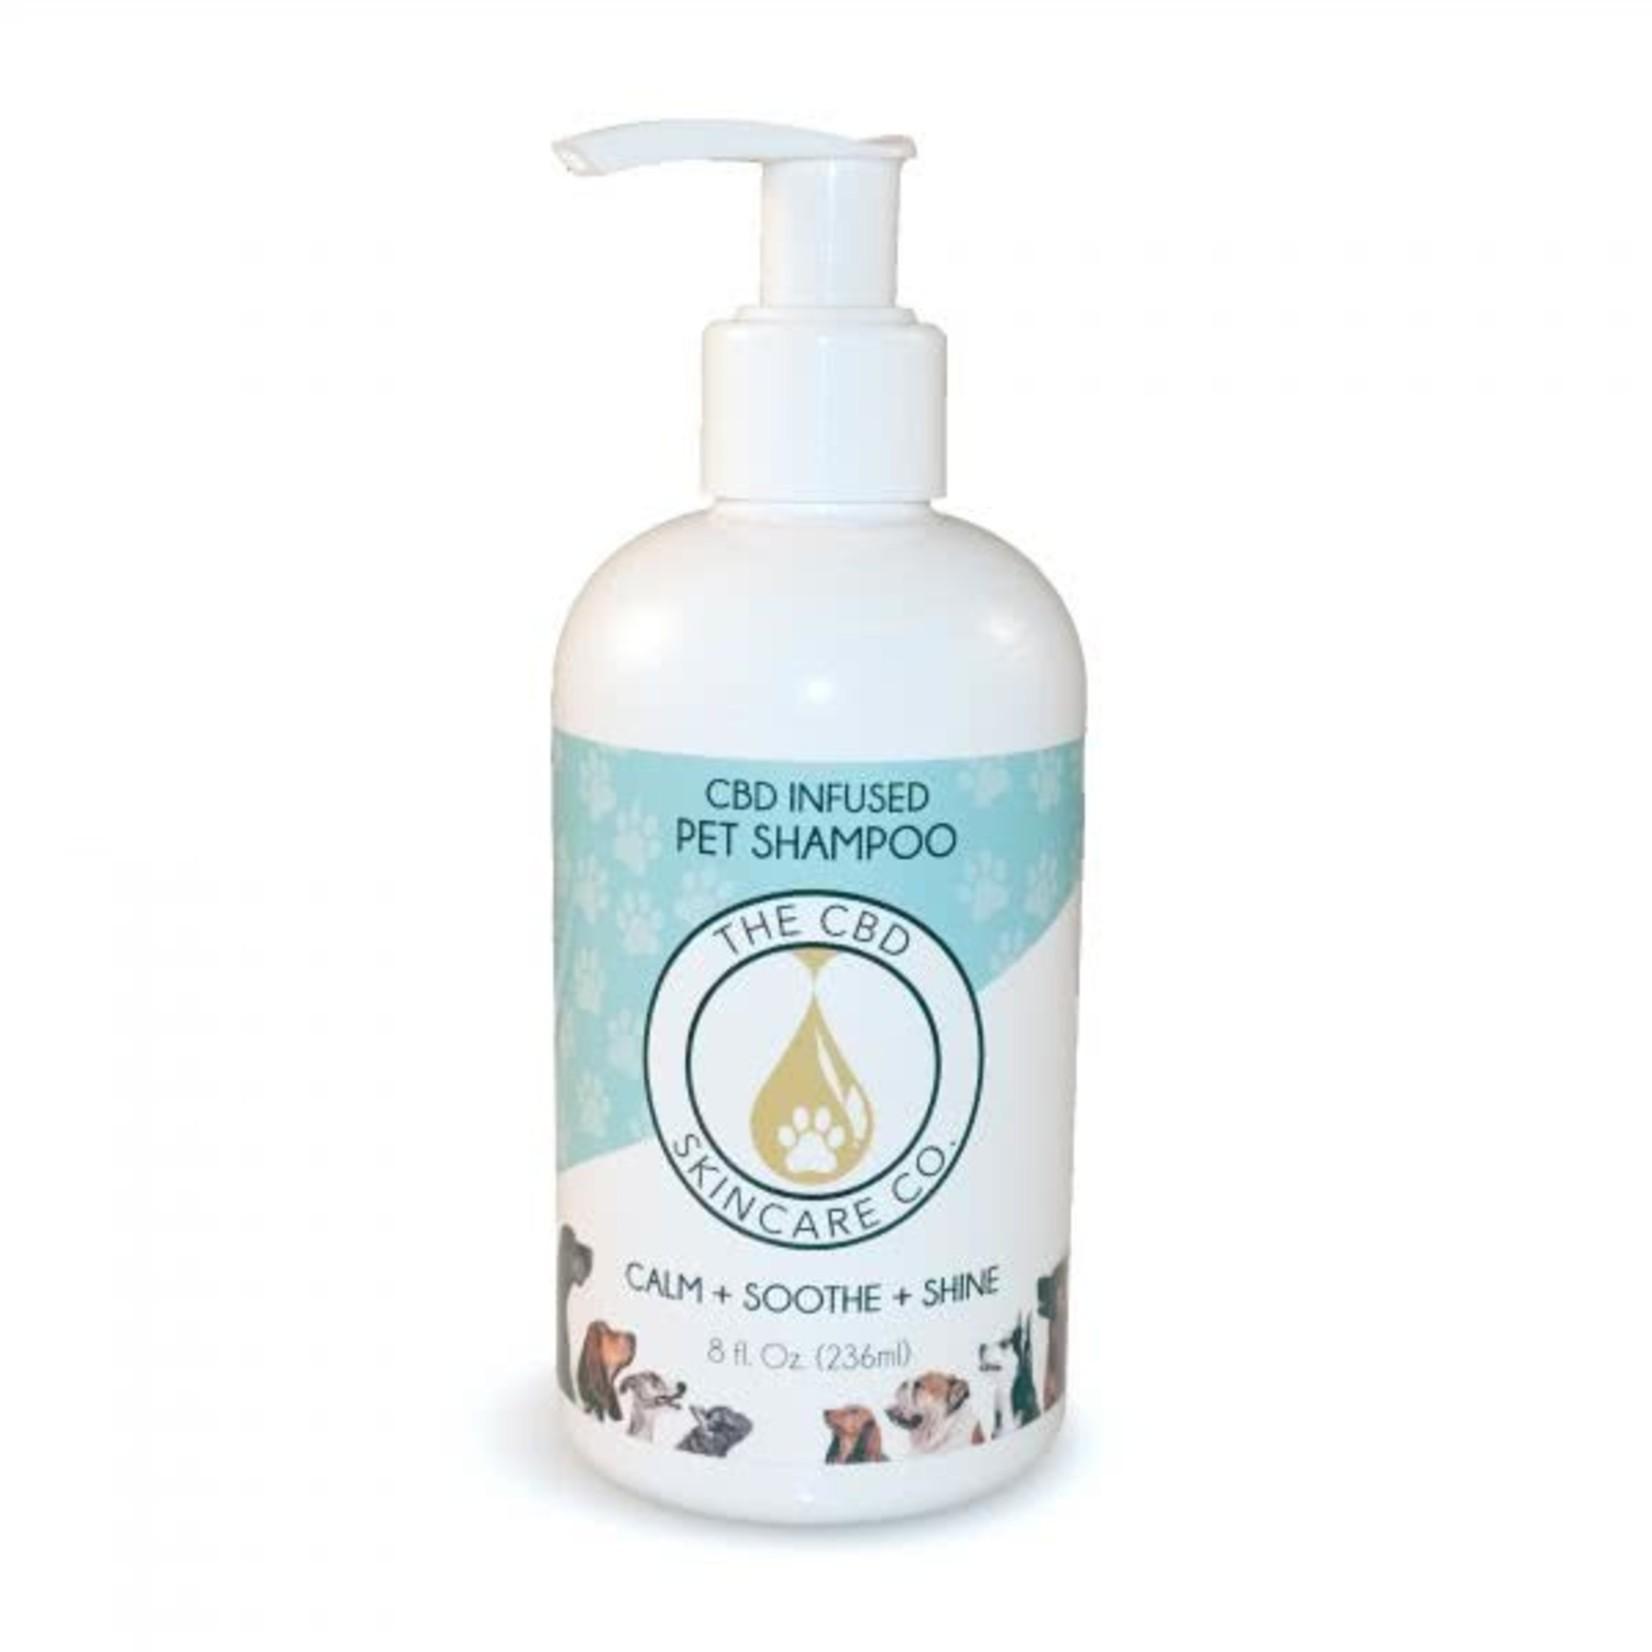 CBD Skincare Company Organic CBD Dog and Pet Shampoo